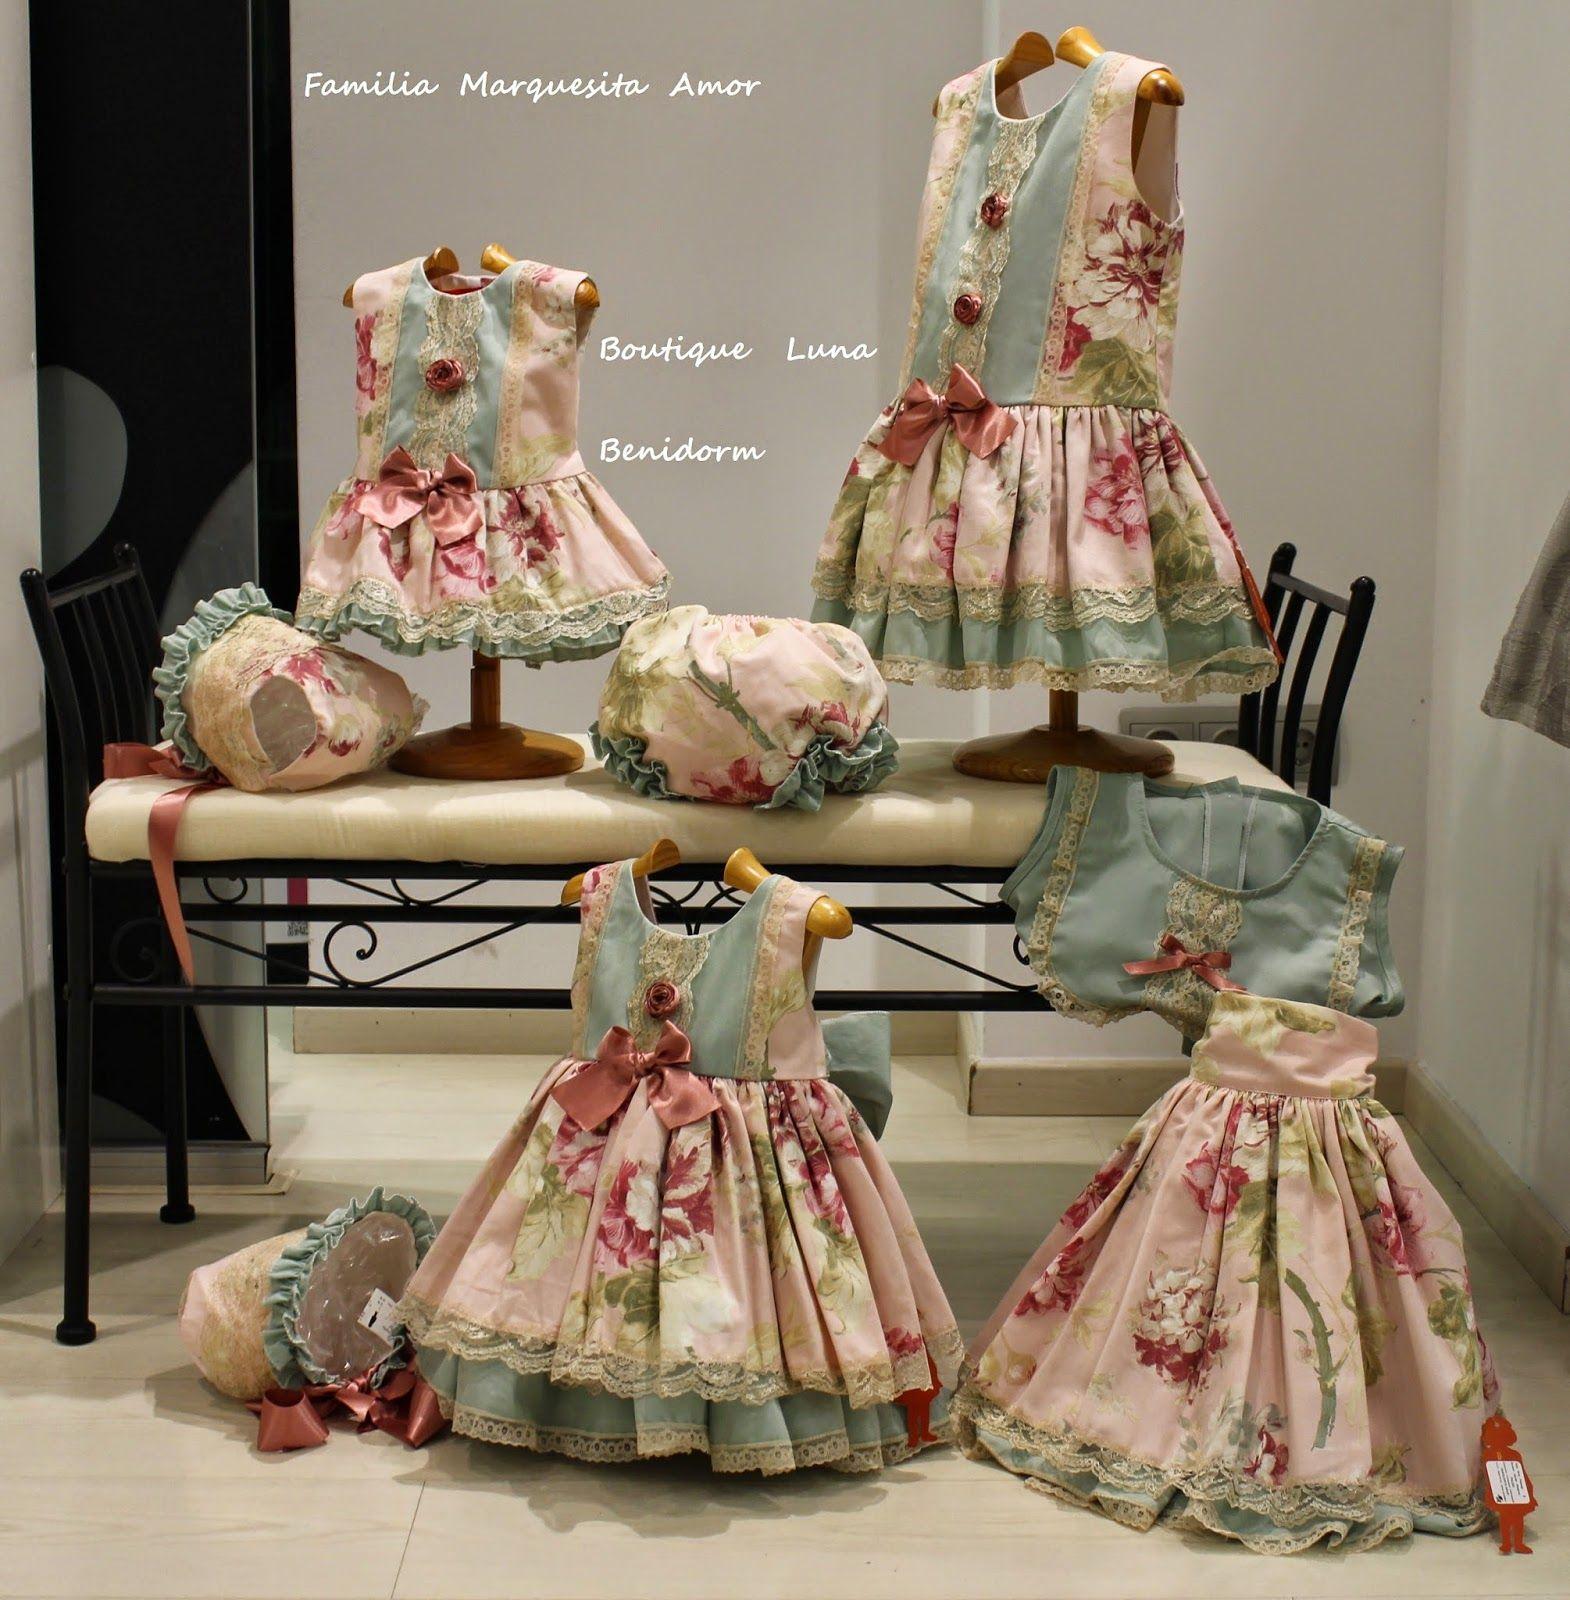 Boutique Luna La Marquesita Real Verano 2015 Vestidos